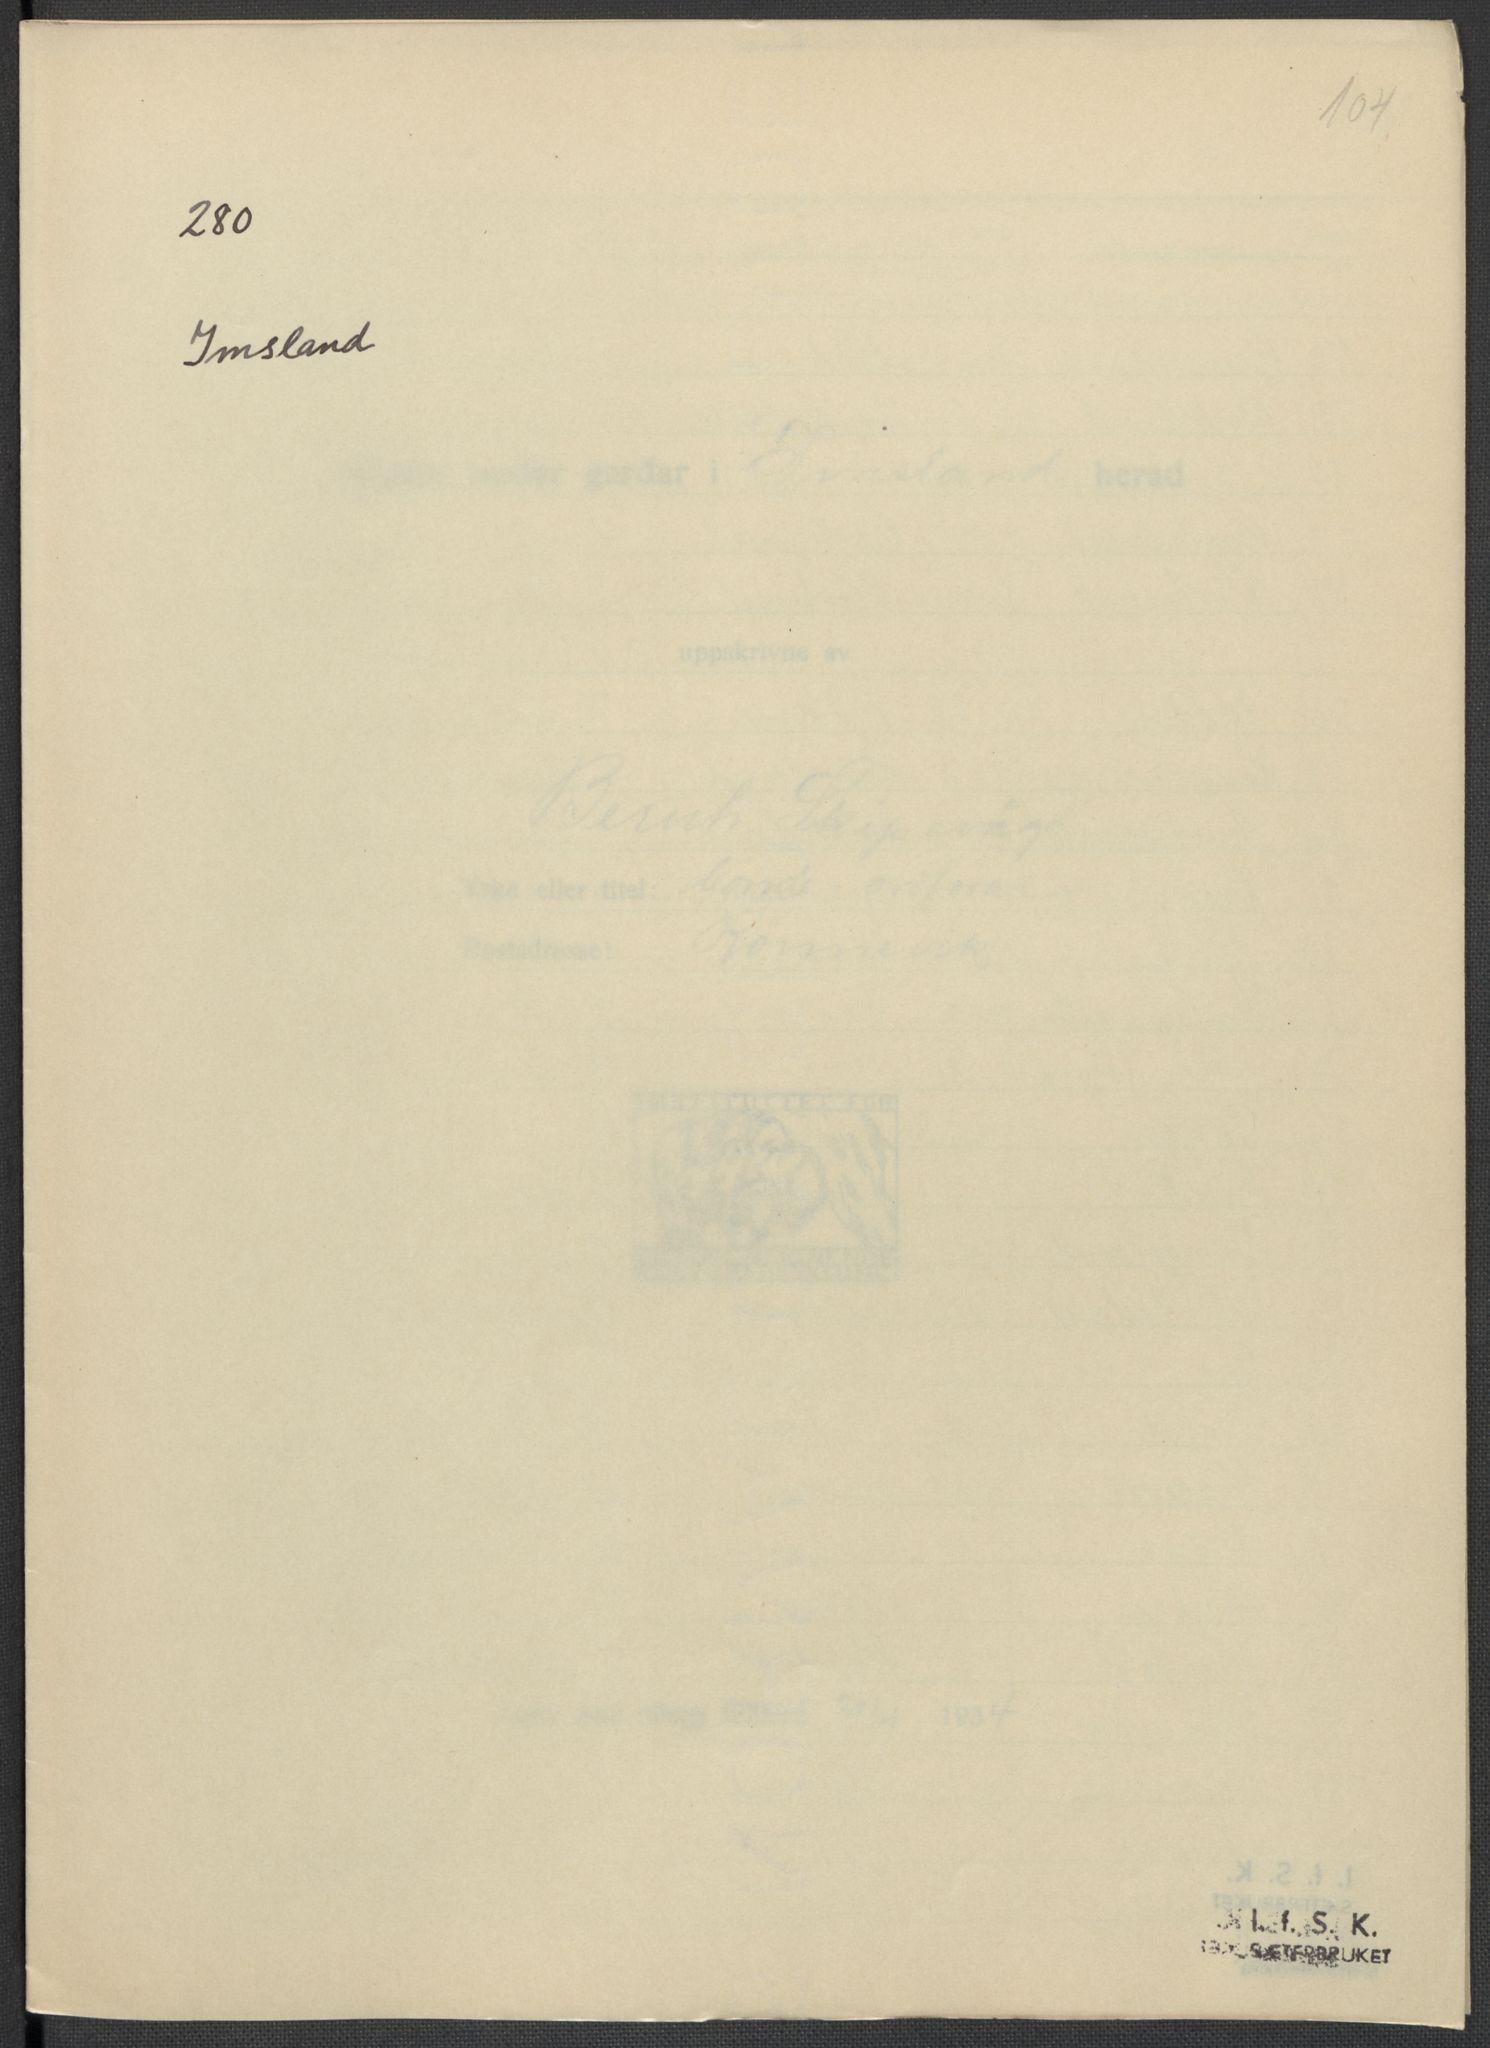 RA, Instituttet for sammenlignende kulturforskning, F/Fc/L0009: Eske B9:, 1932-1935, s. 104